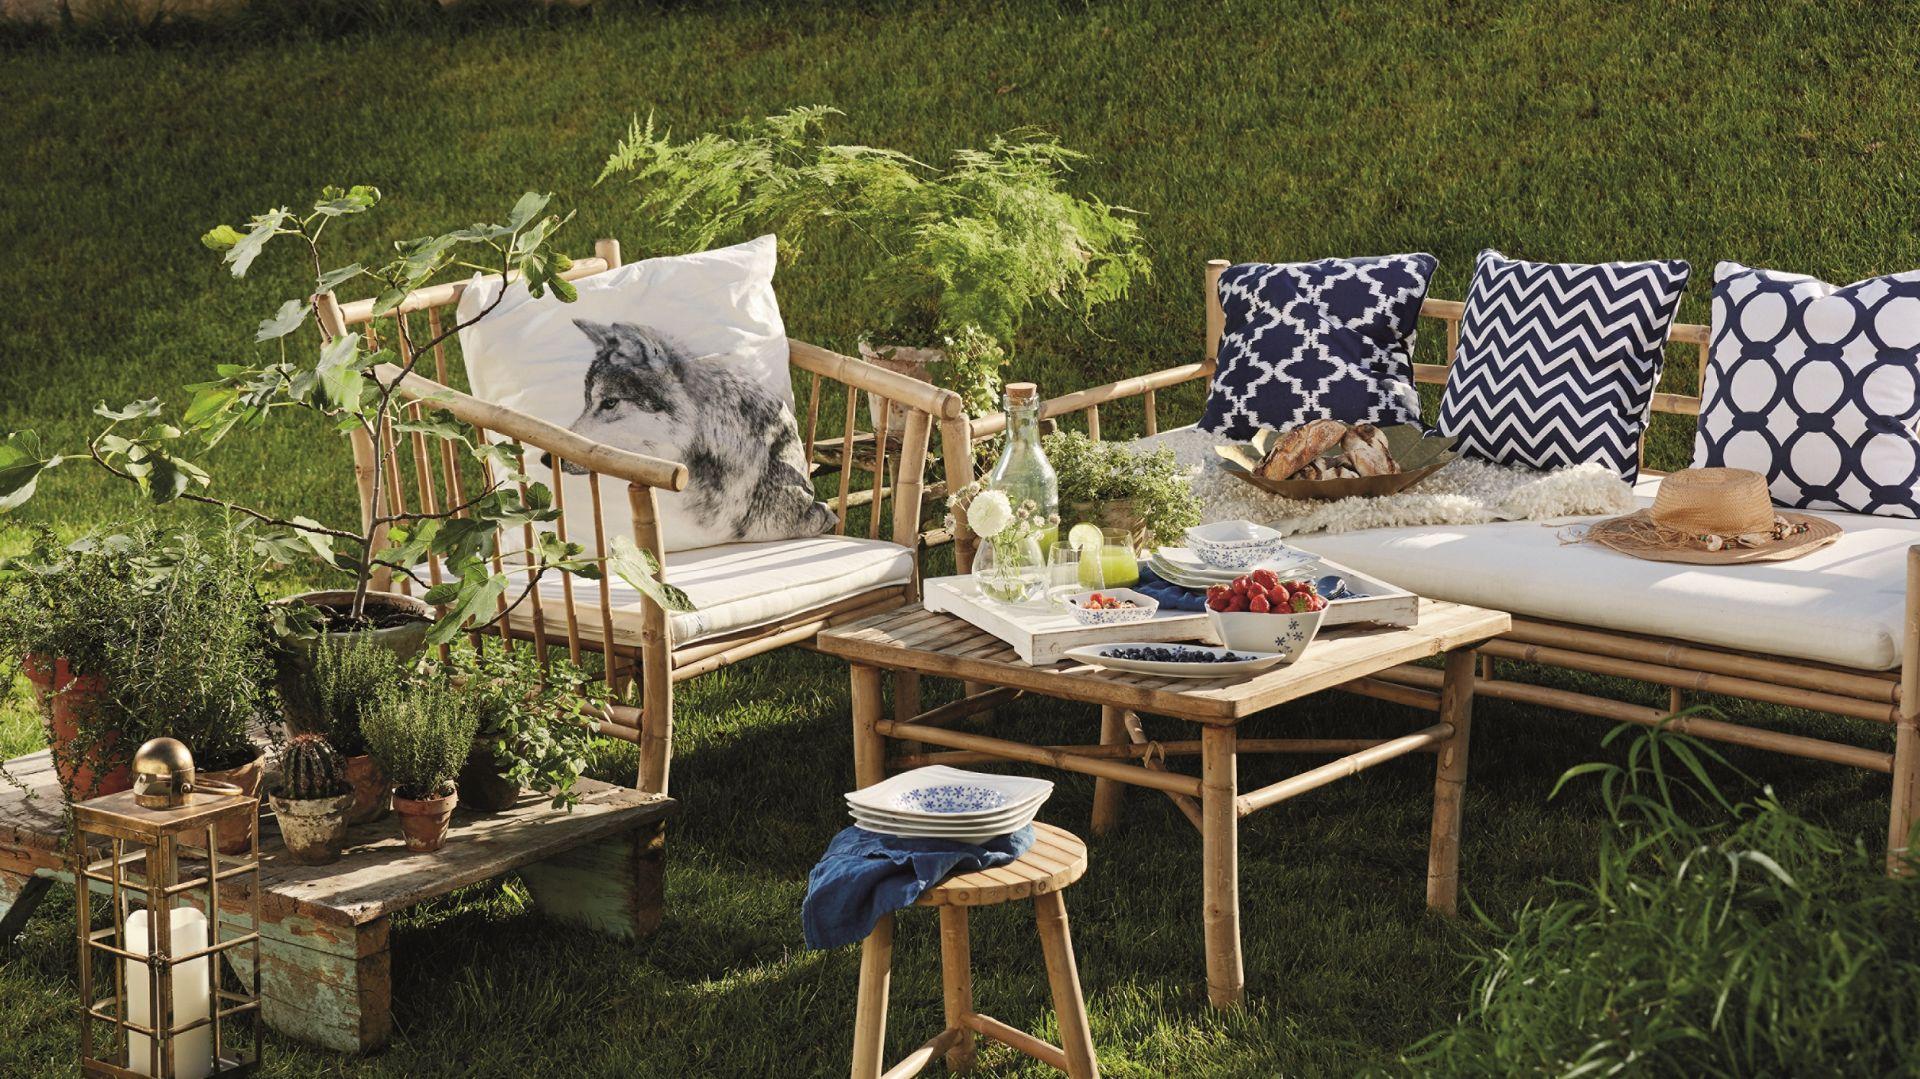 Wyjątkowy klimat przyjęcia w ogrodzie stworzą porcelanowe zastawy. Fot. Fyrklövern